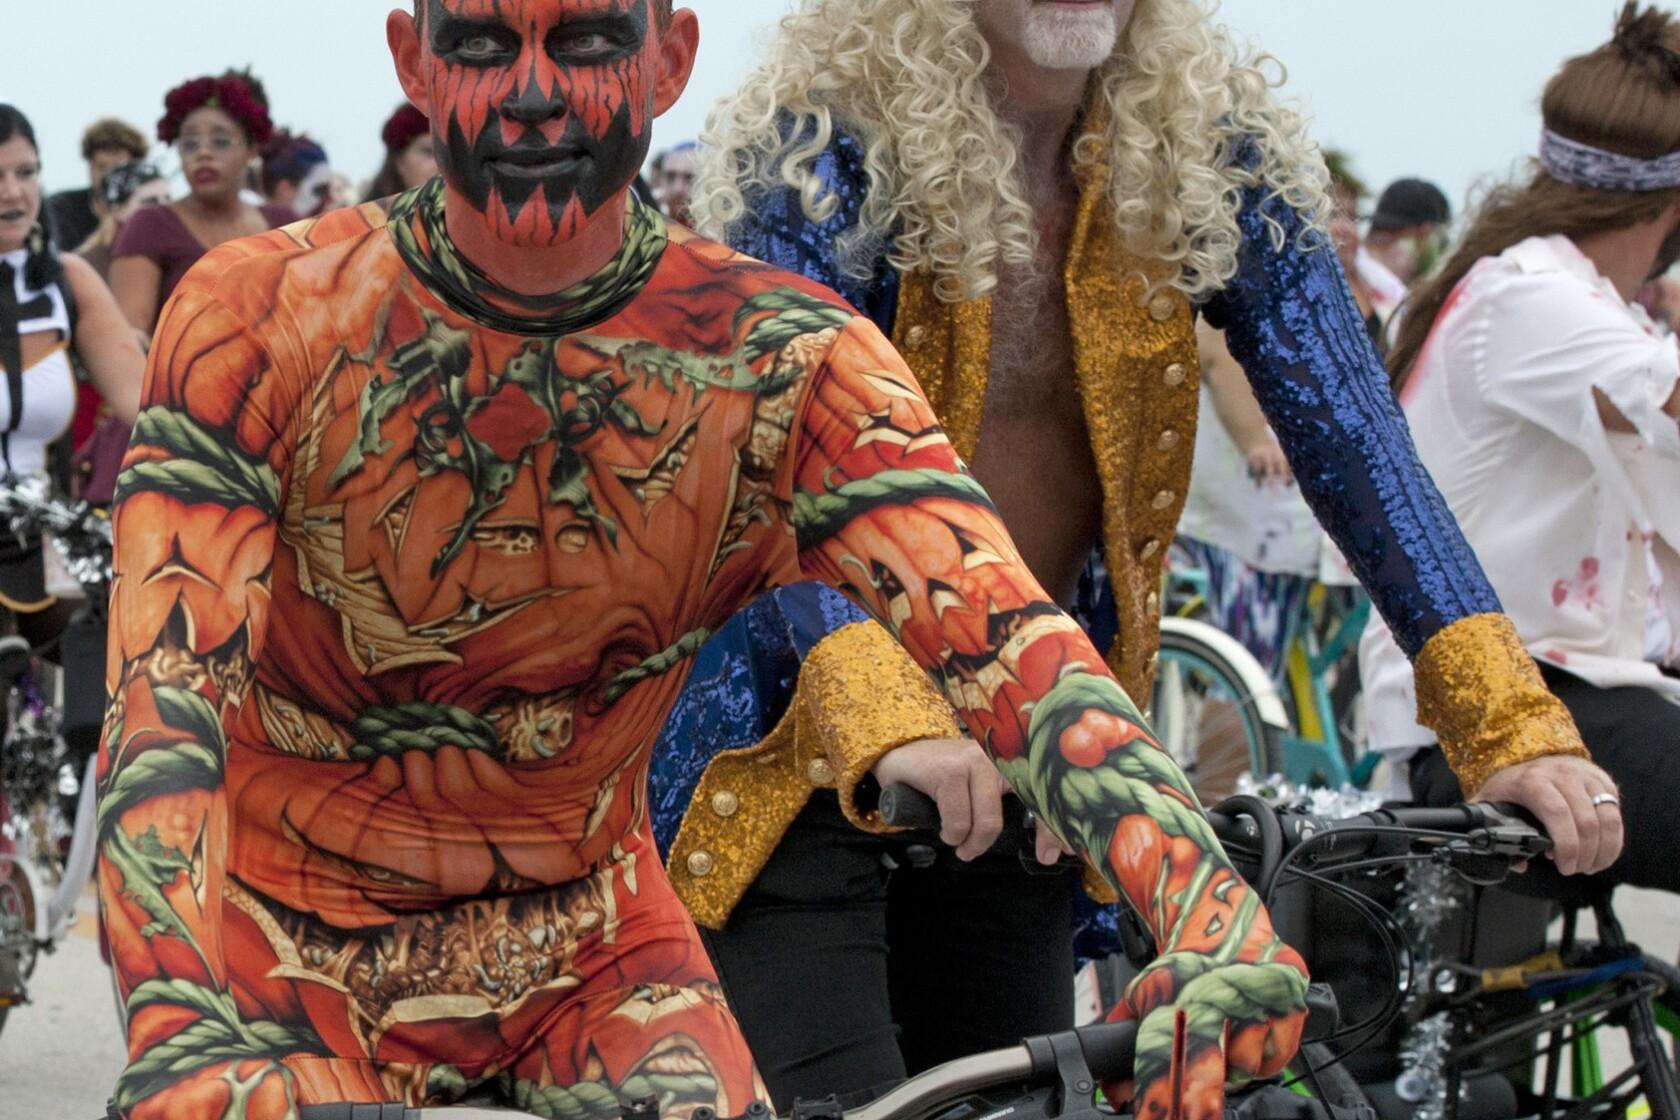 fantasy festival key west 2020